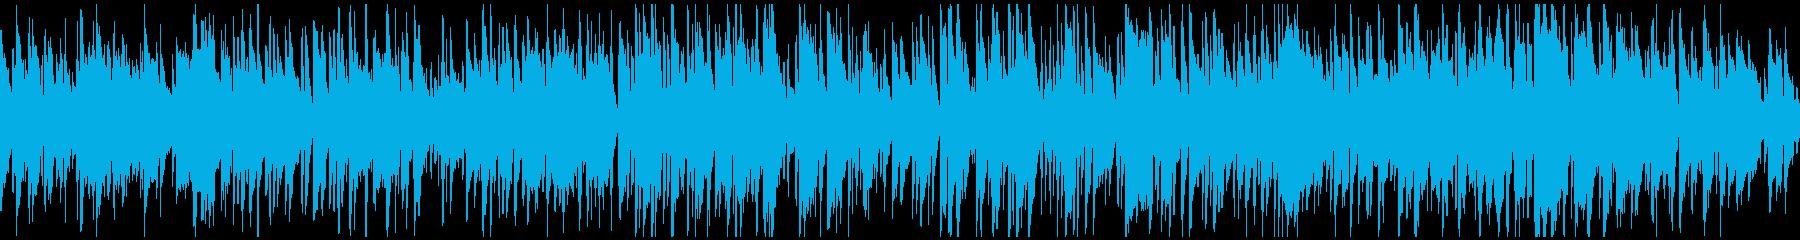 すっきり爽やかボサノバ、お洒落※ループ版の再生済みの波形